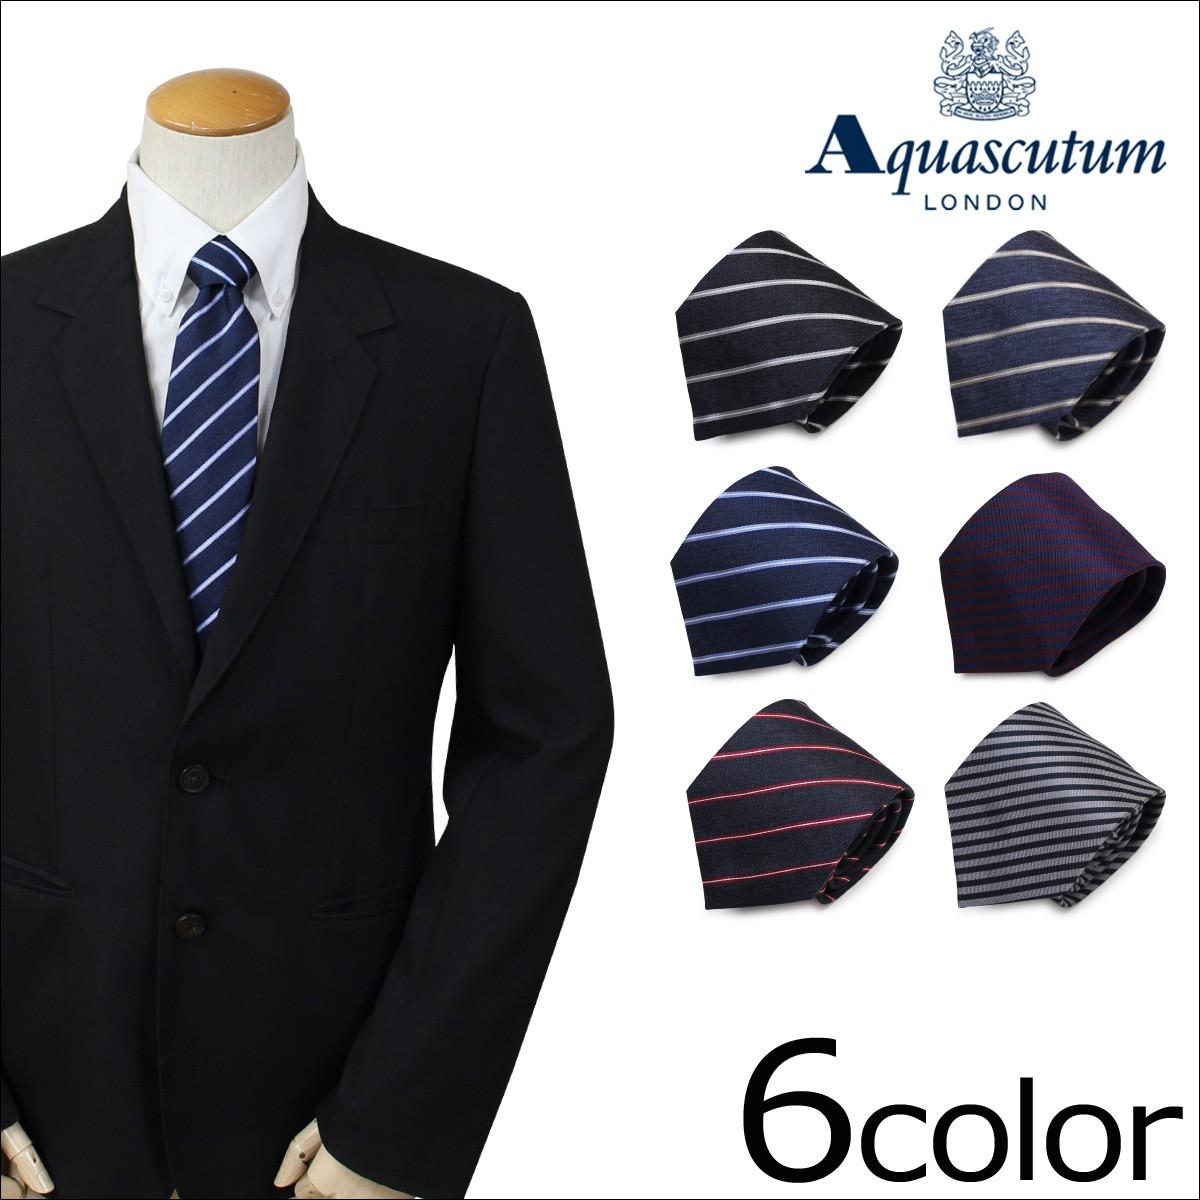 アクアスキュータム AQUASCUTUM ネクタイ イタリア製 シルク ビジネス 結婚式 メンズ [1/9 追加入荷]